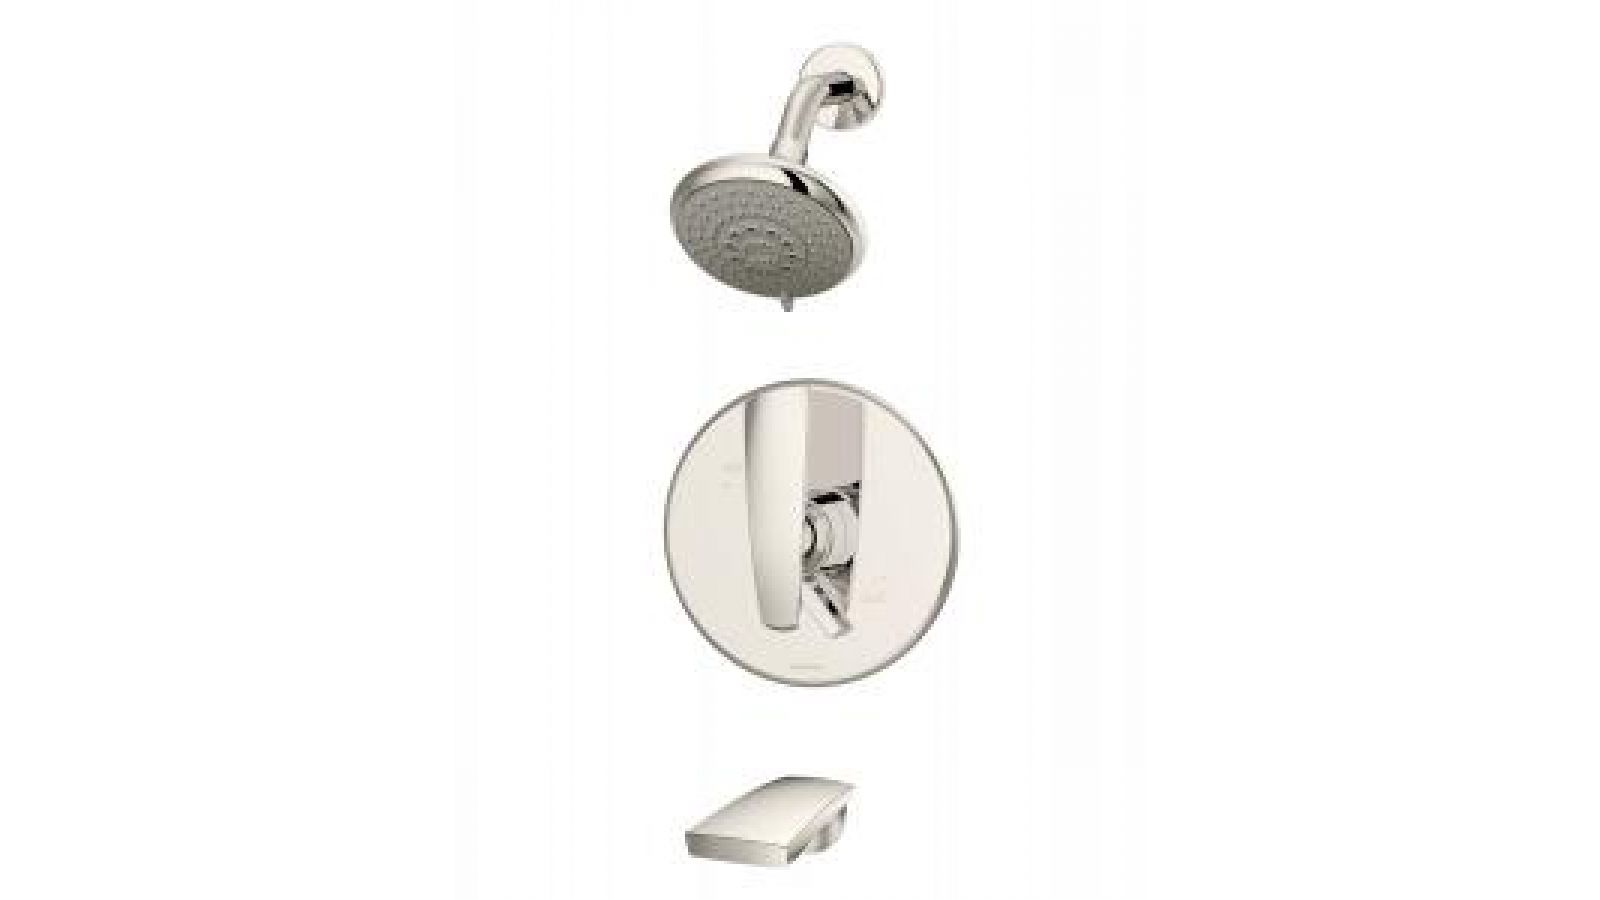 Naru tub/shower in polished nickel